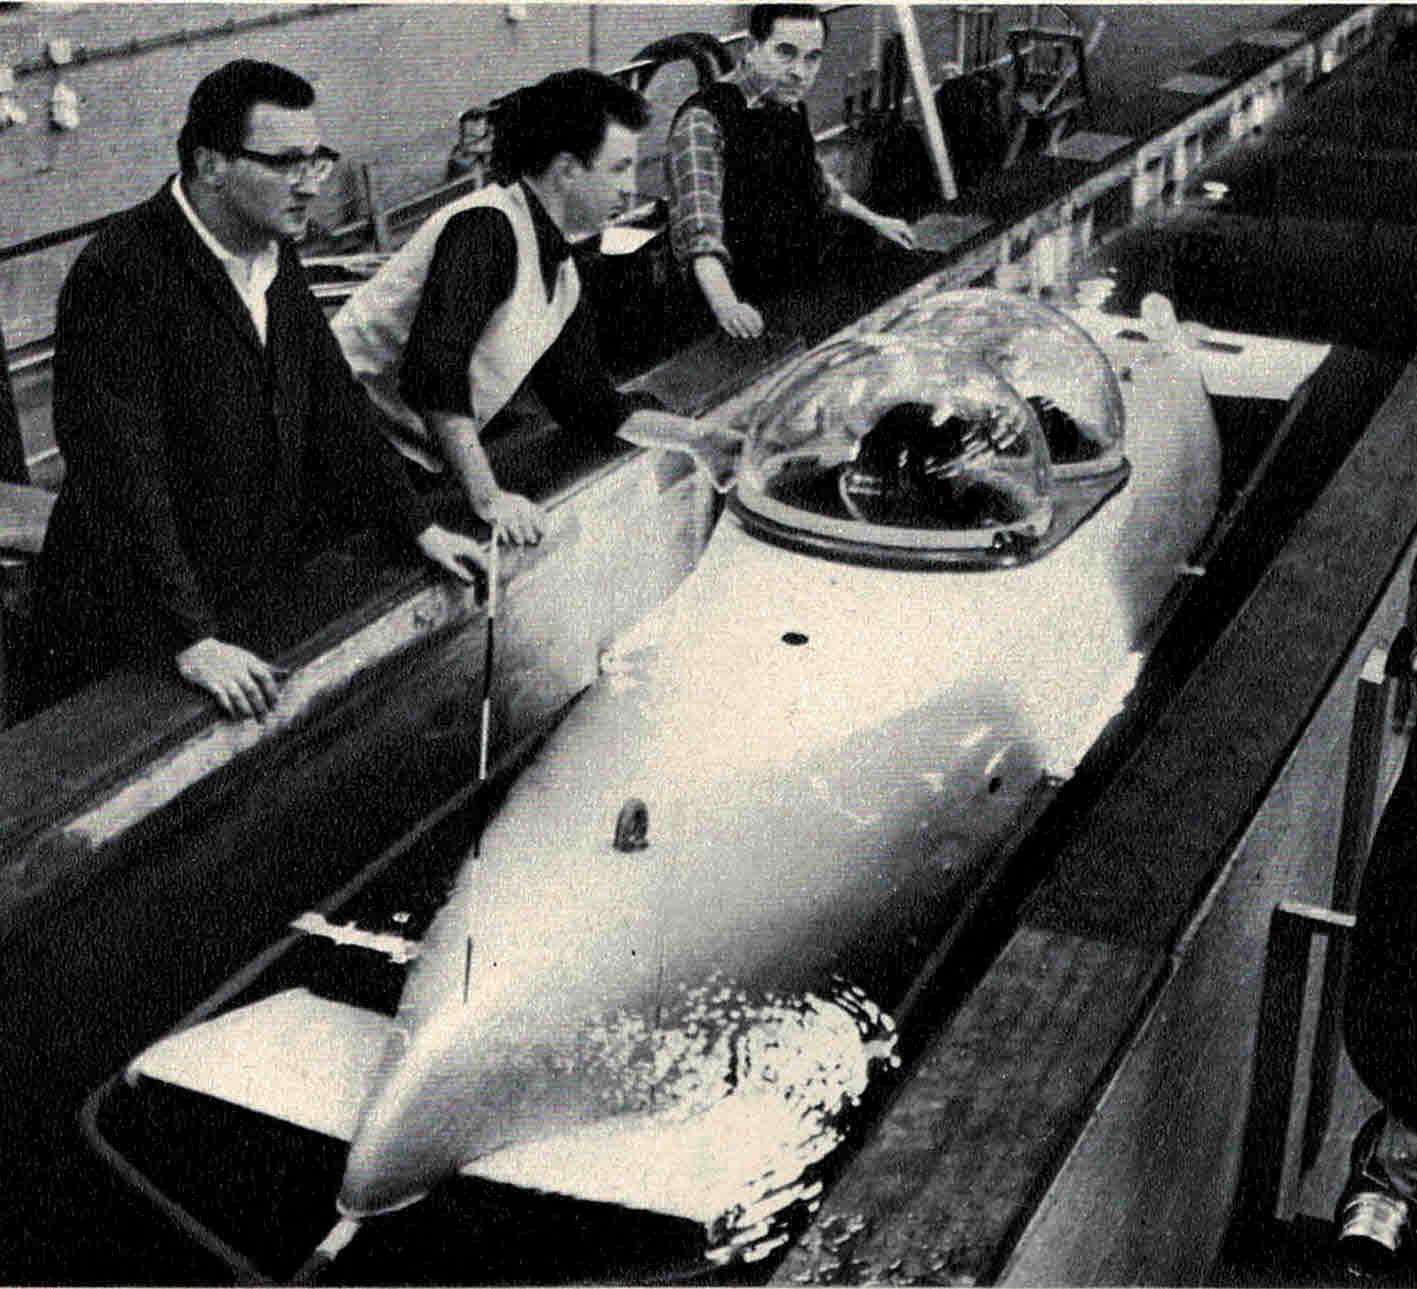 """1965, Il drammatico e misterioso affondamento del minisommergibile """"Squalo Tigre"""" nelle acque del Lago Maggiore di Stefano Berutti"""